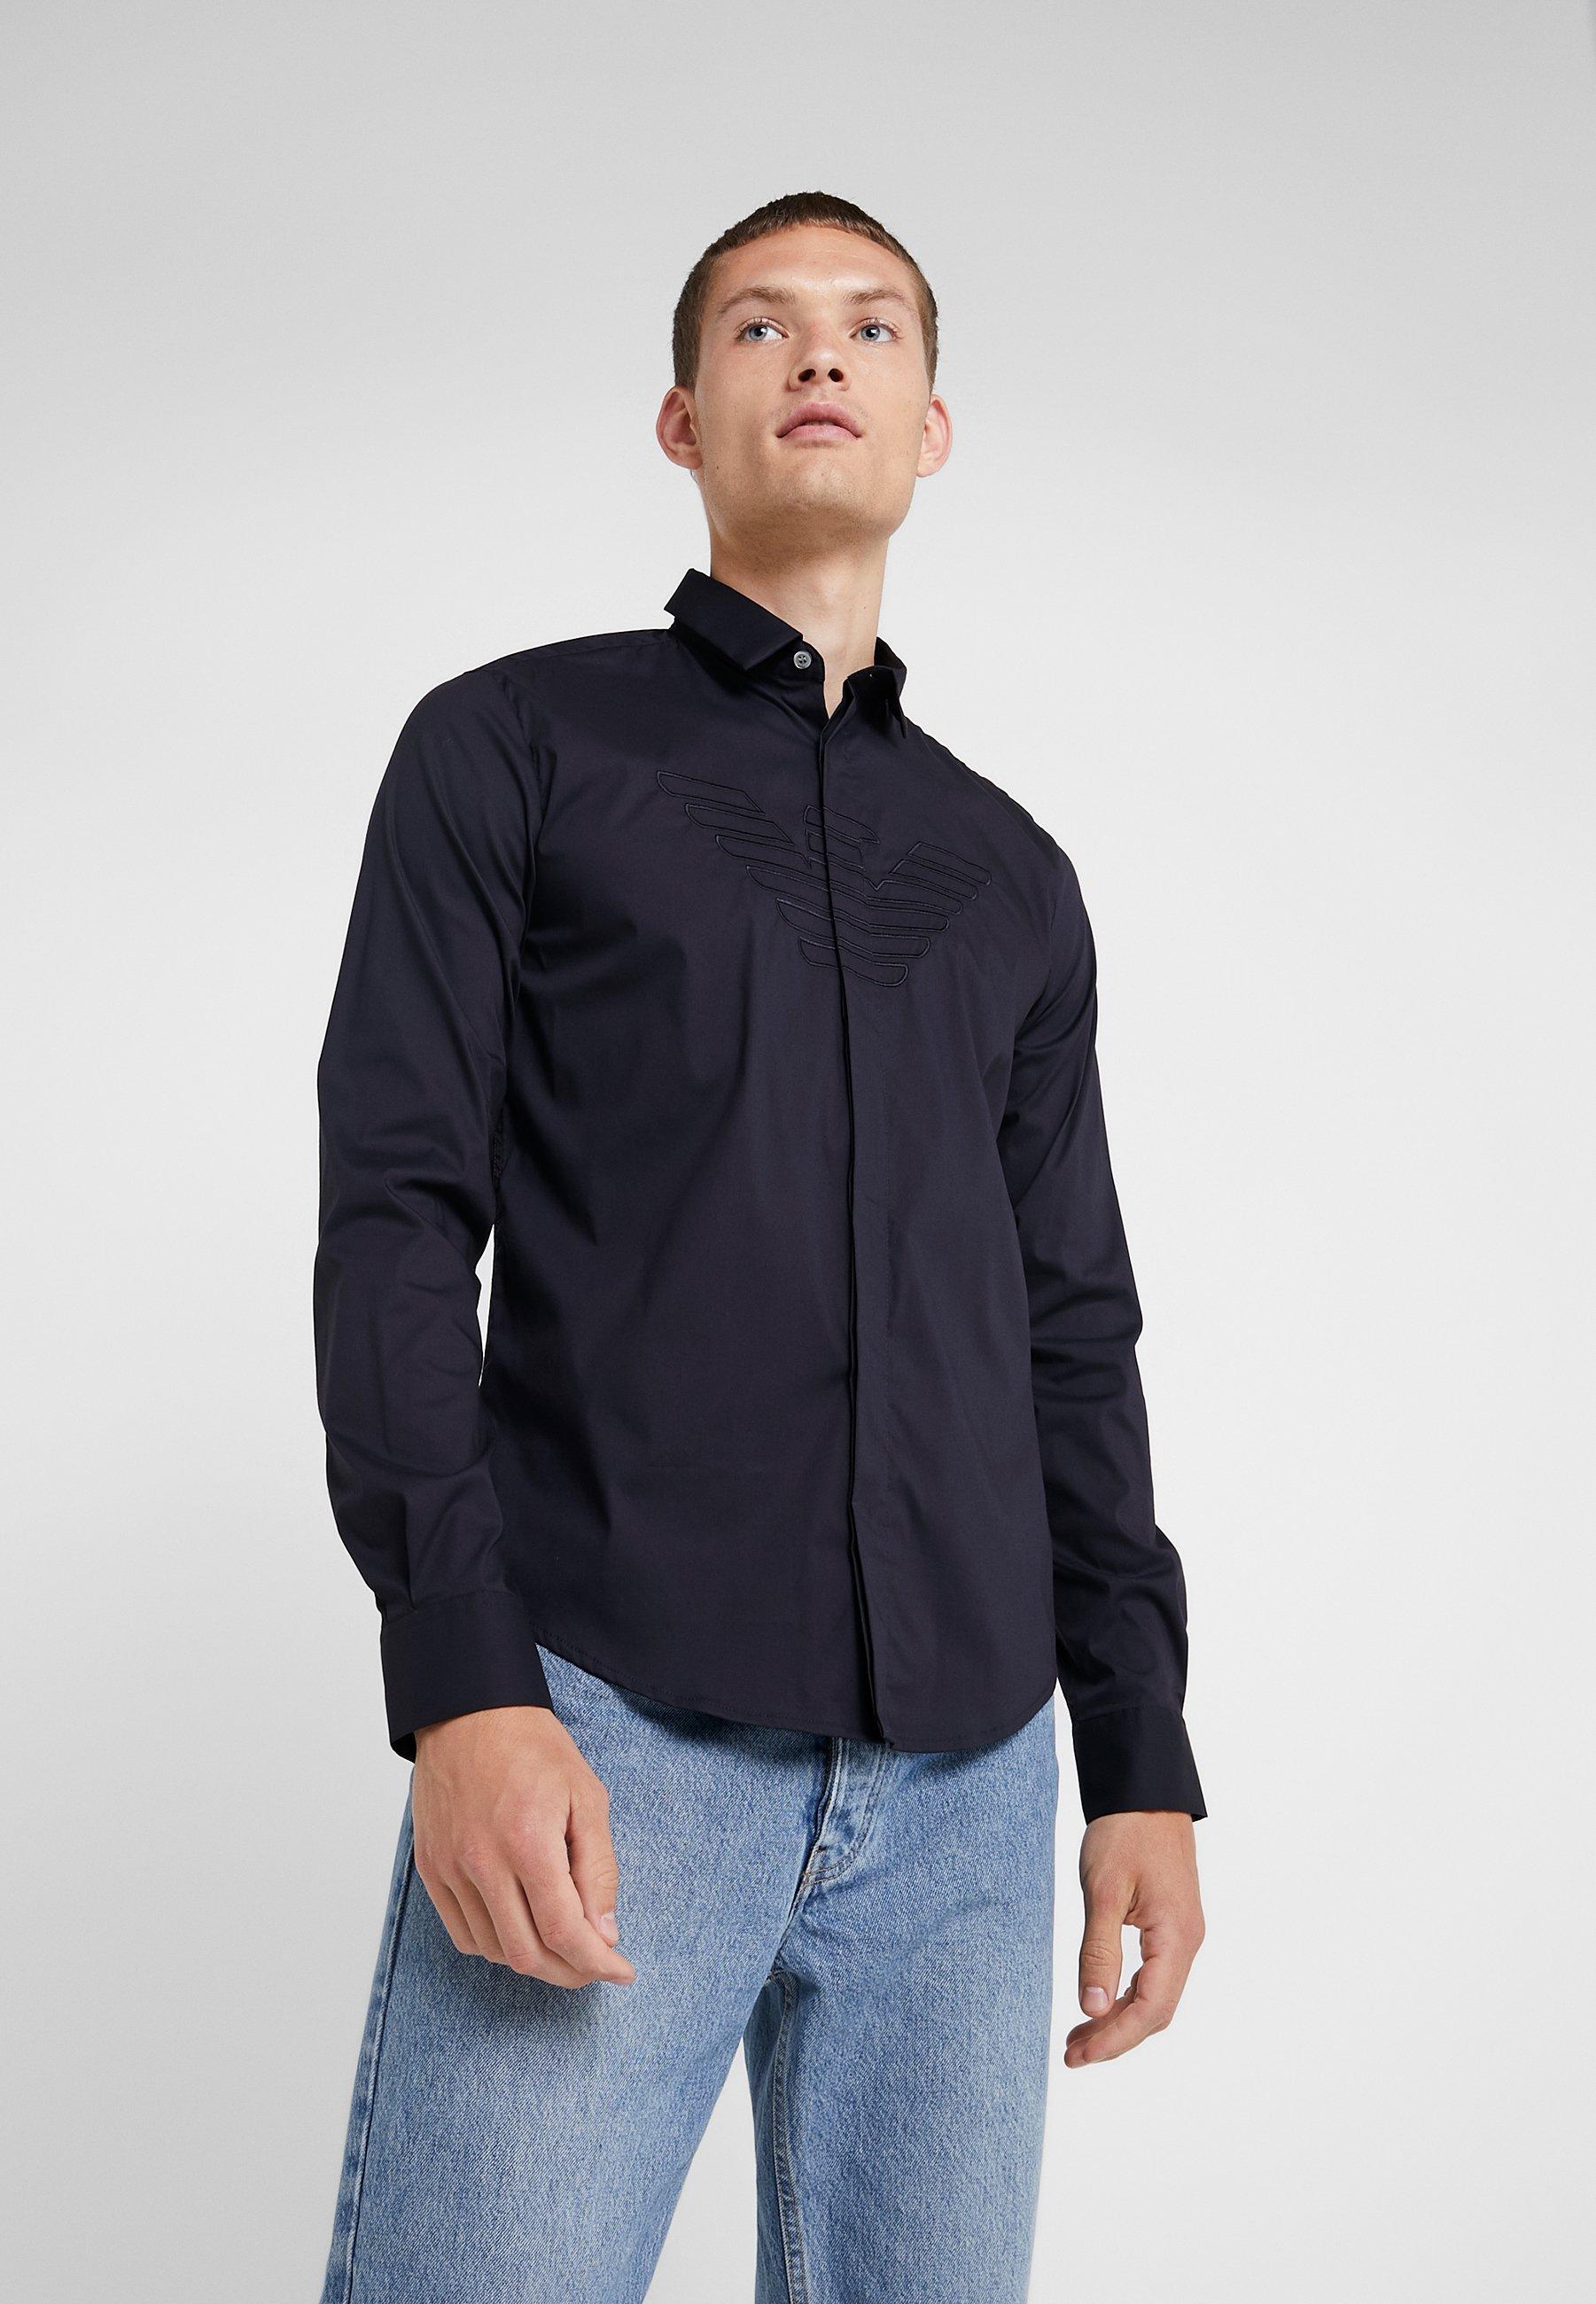 FitChemise Blue Emporio Camicia Navy Armani Slim clKTJ3F1